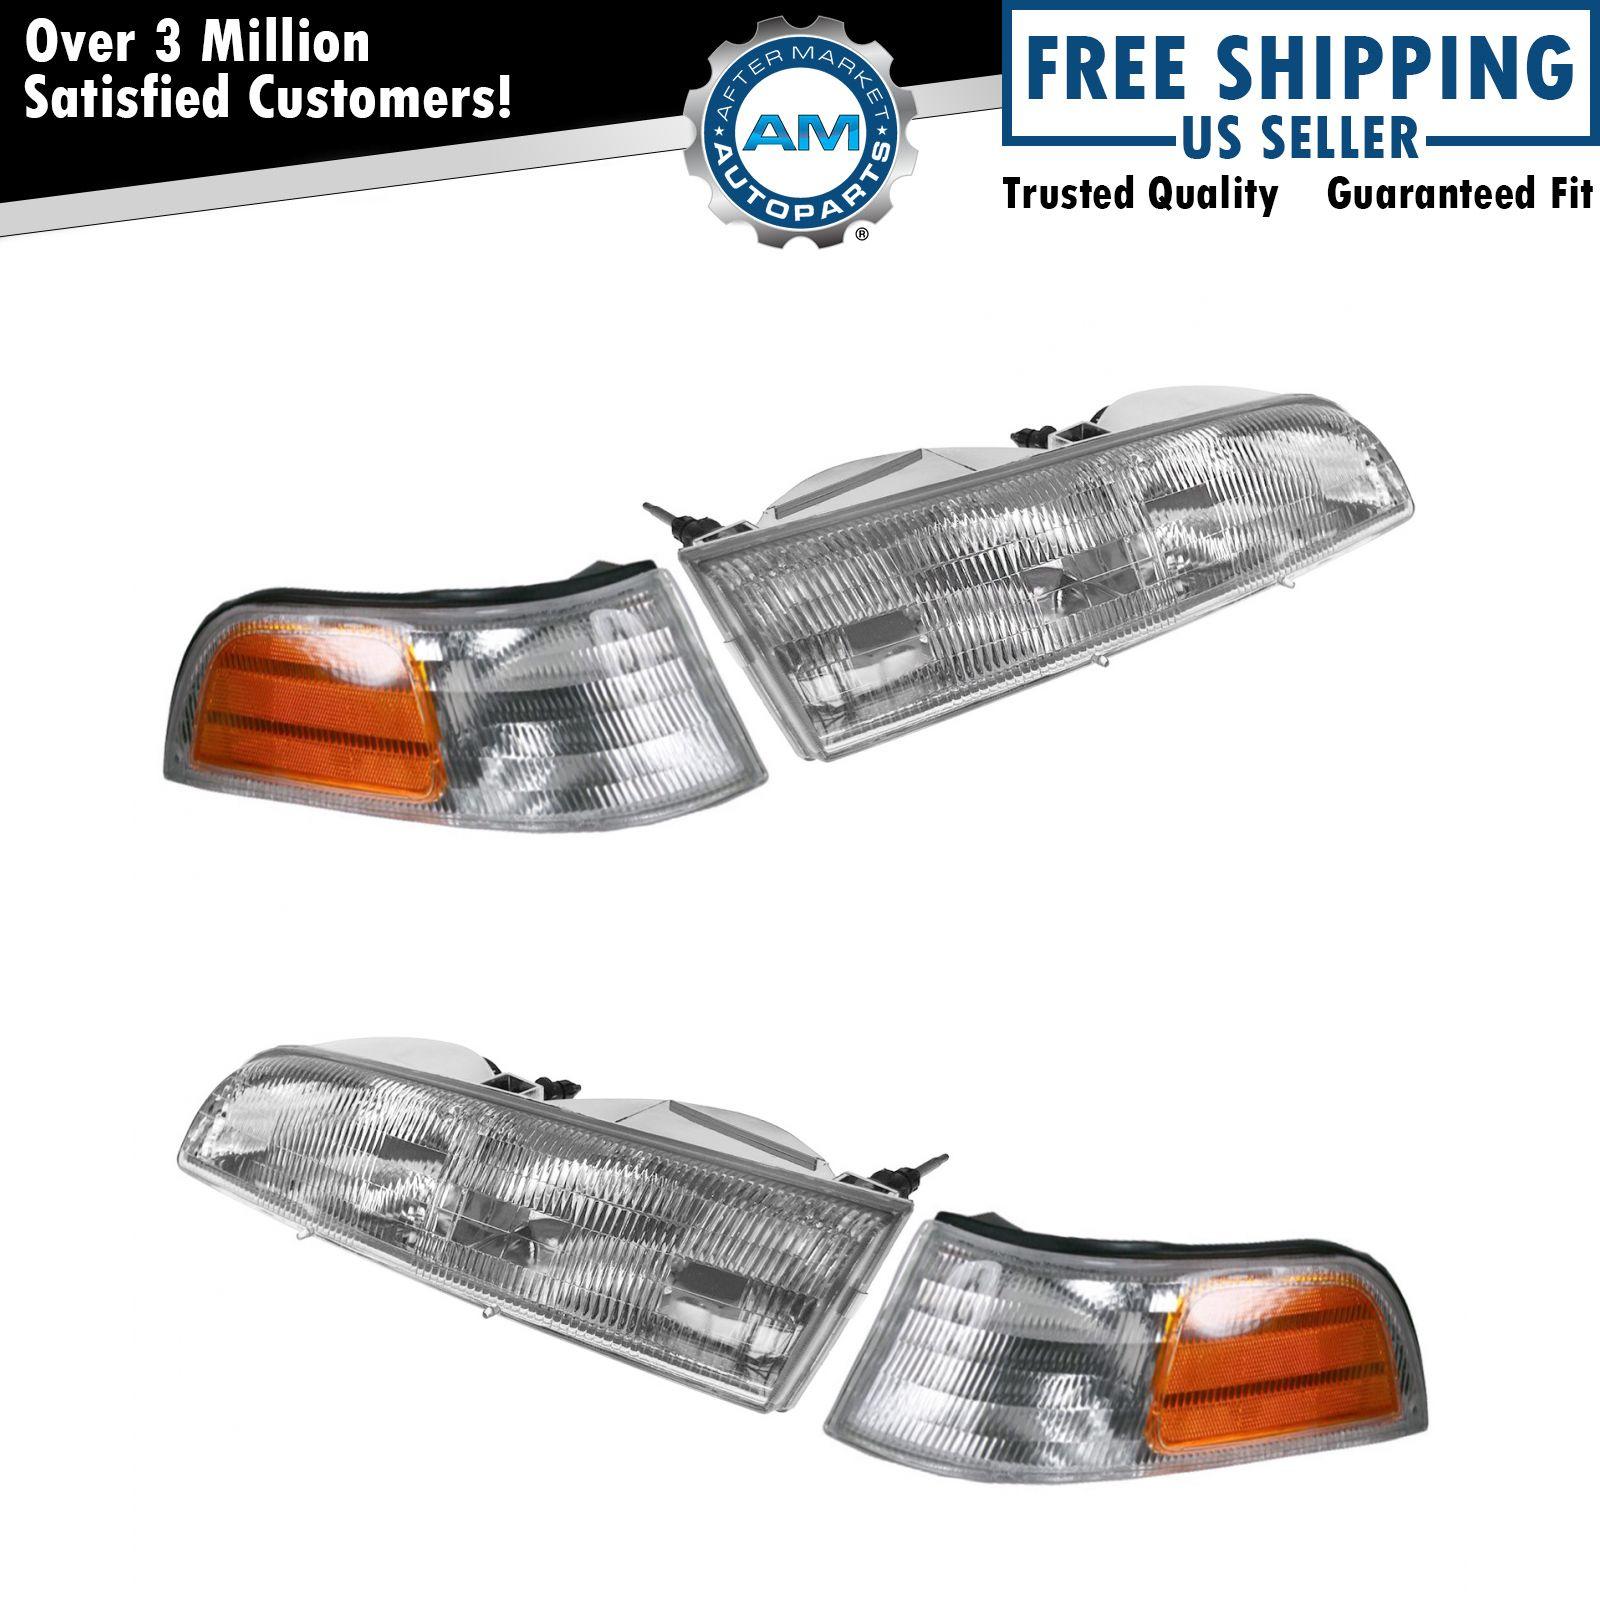 Headlight Headlamp Corner Light Lamp Kit Set of 4 for 94-95 Ford Thunderbird NEW